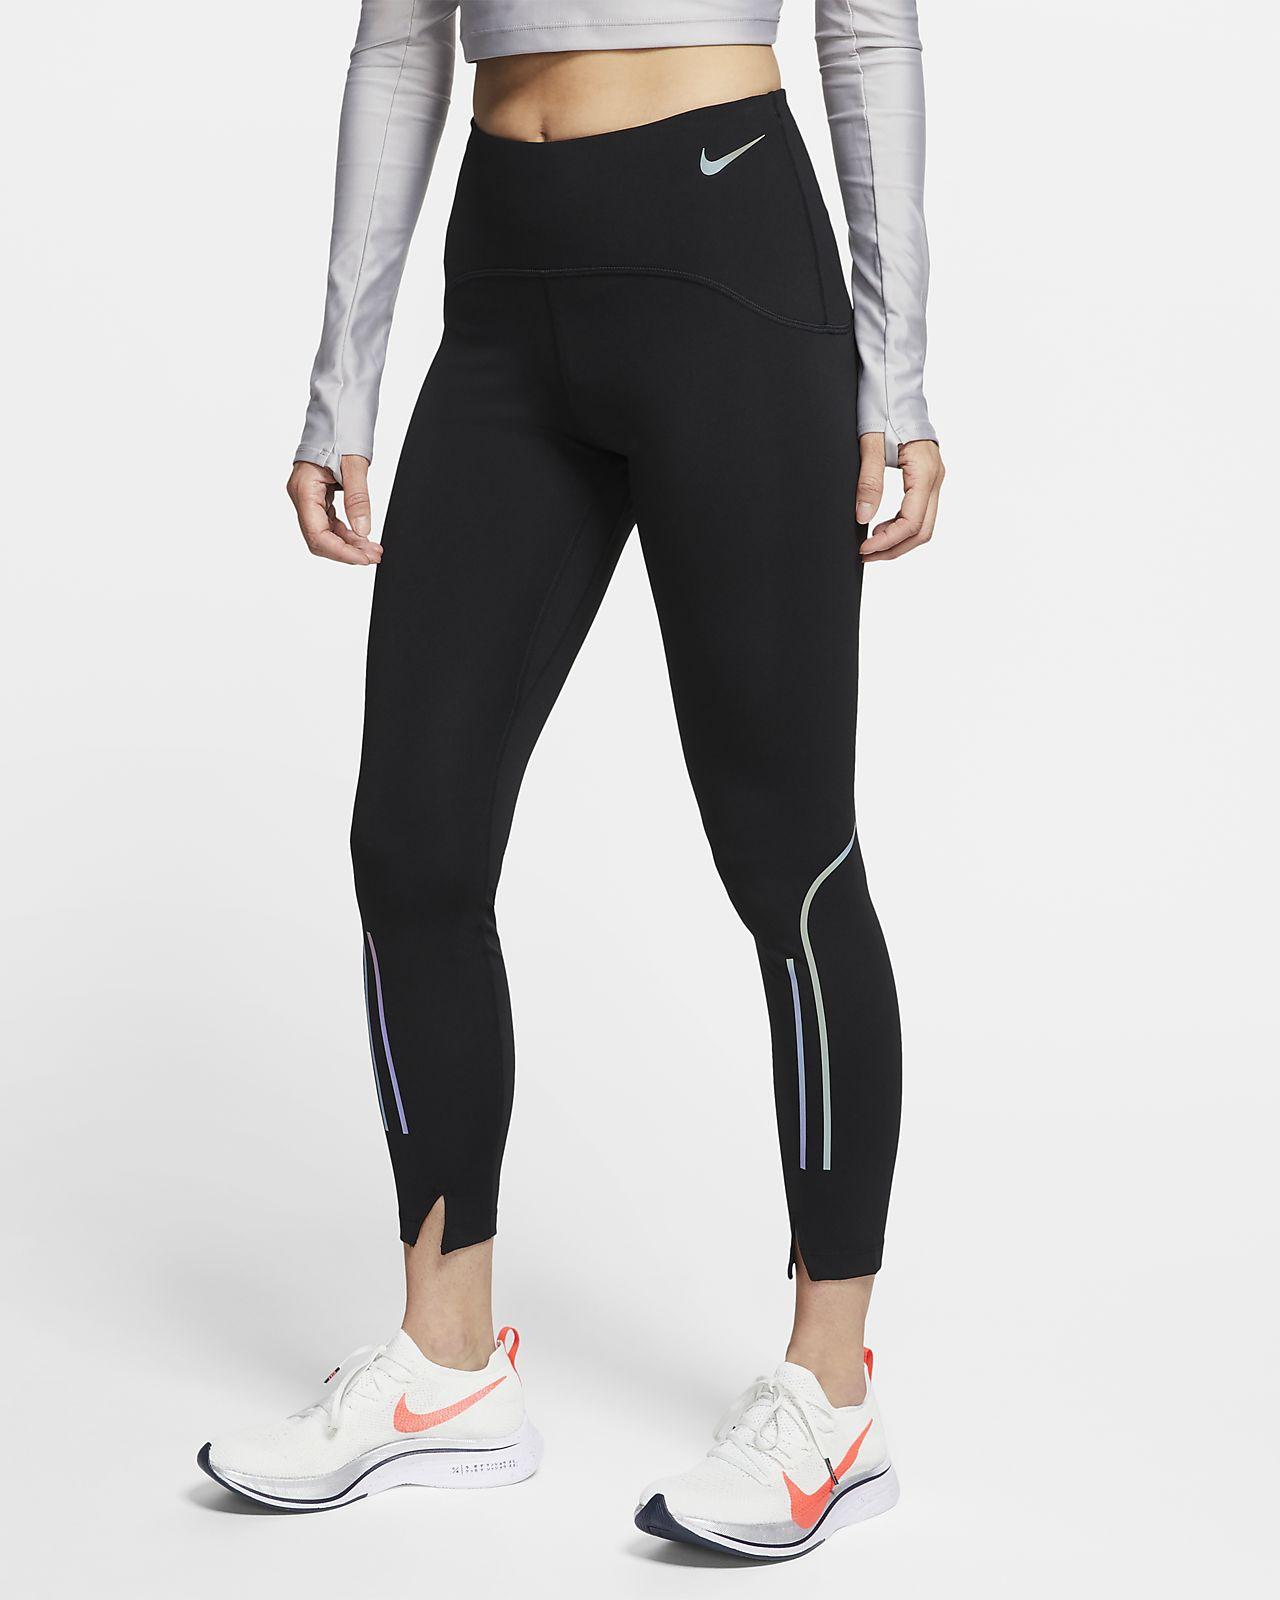 Nike Speed løpetights i 78 lengde til dame